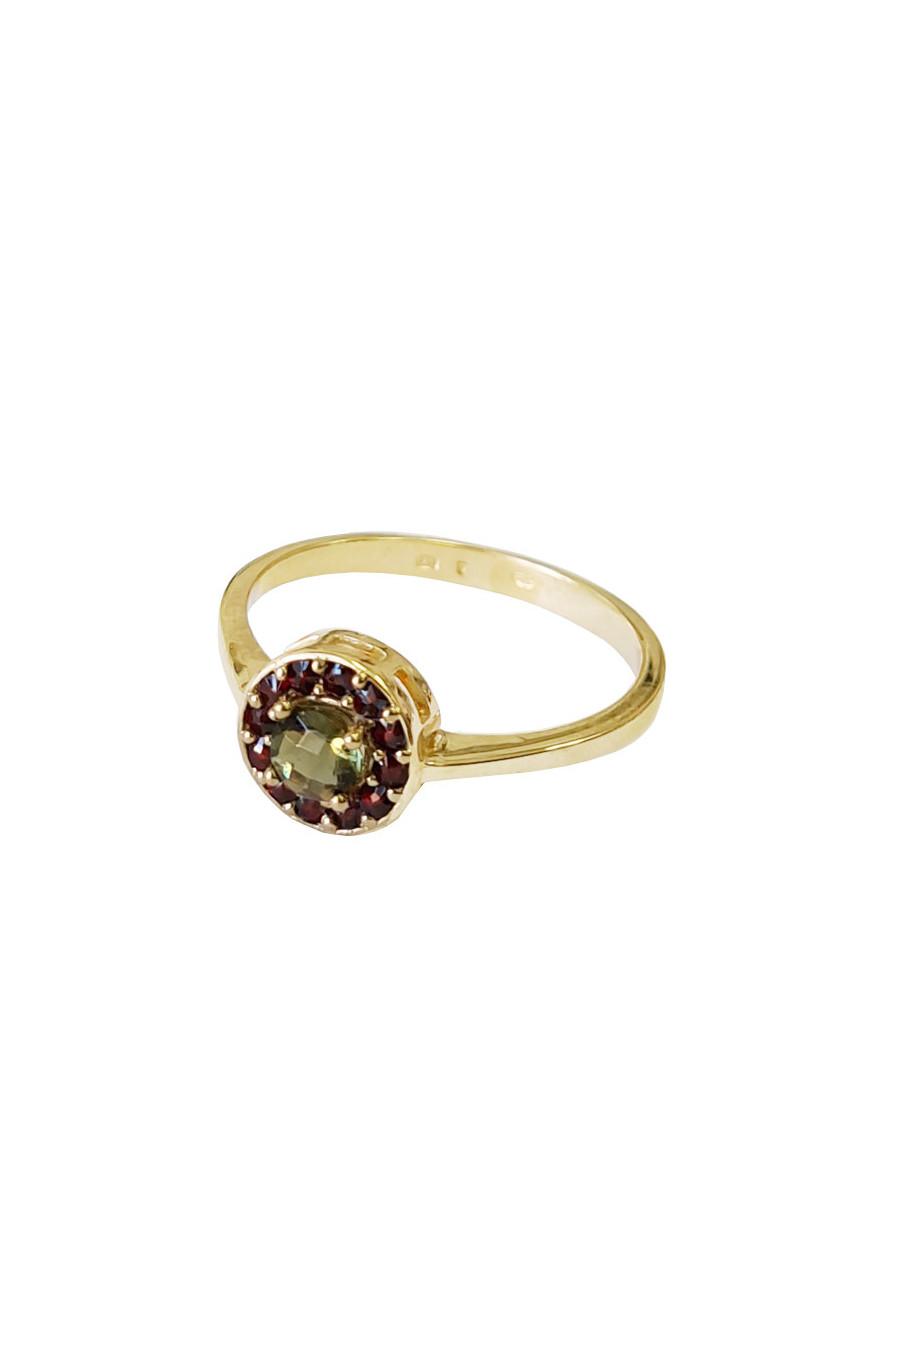 Gold ring, moldavite, garnets